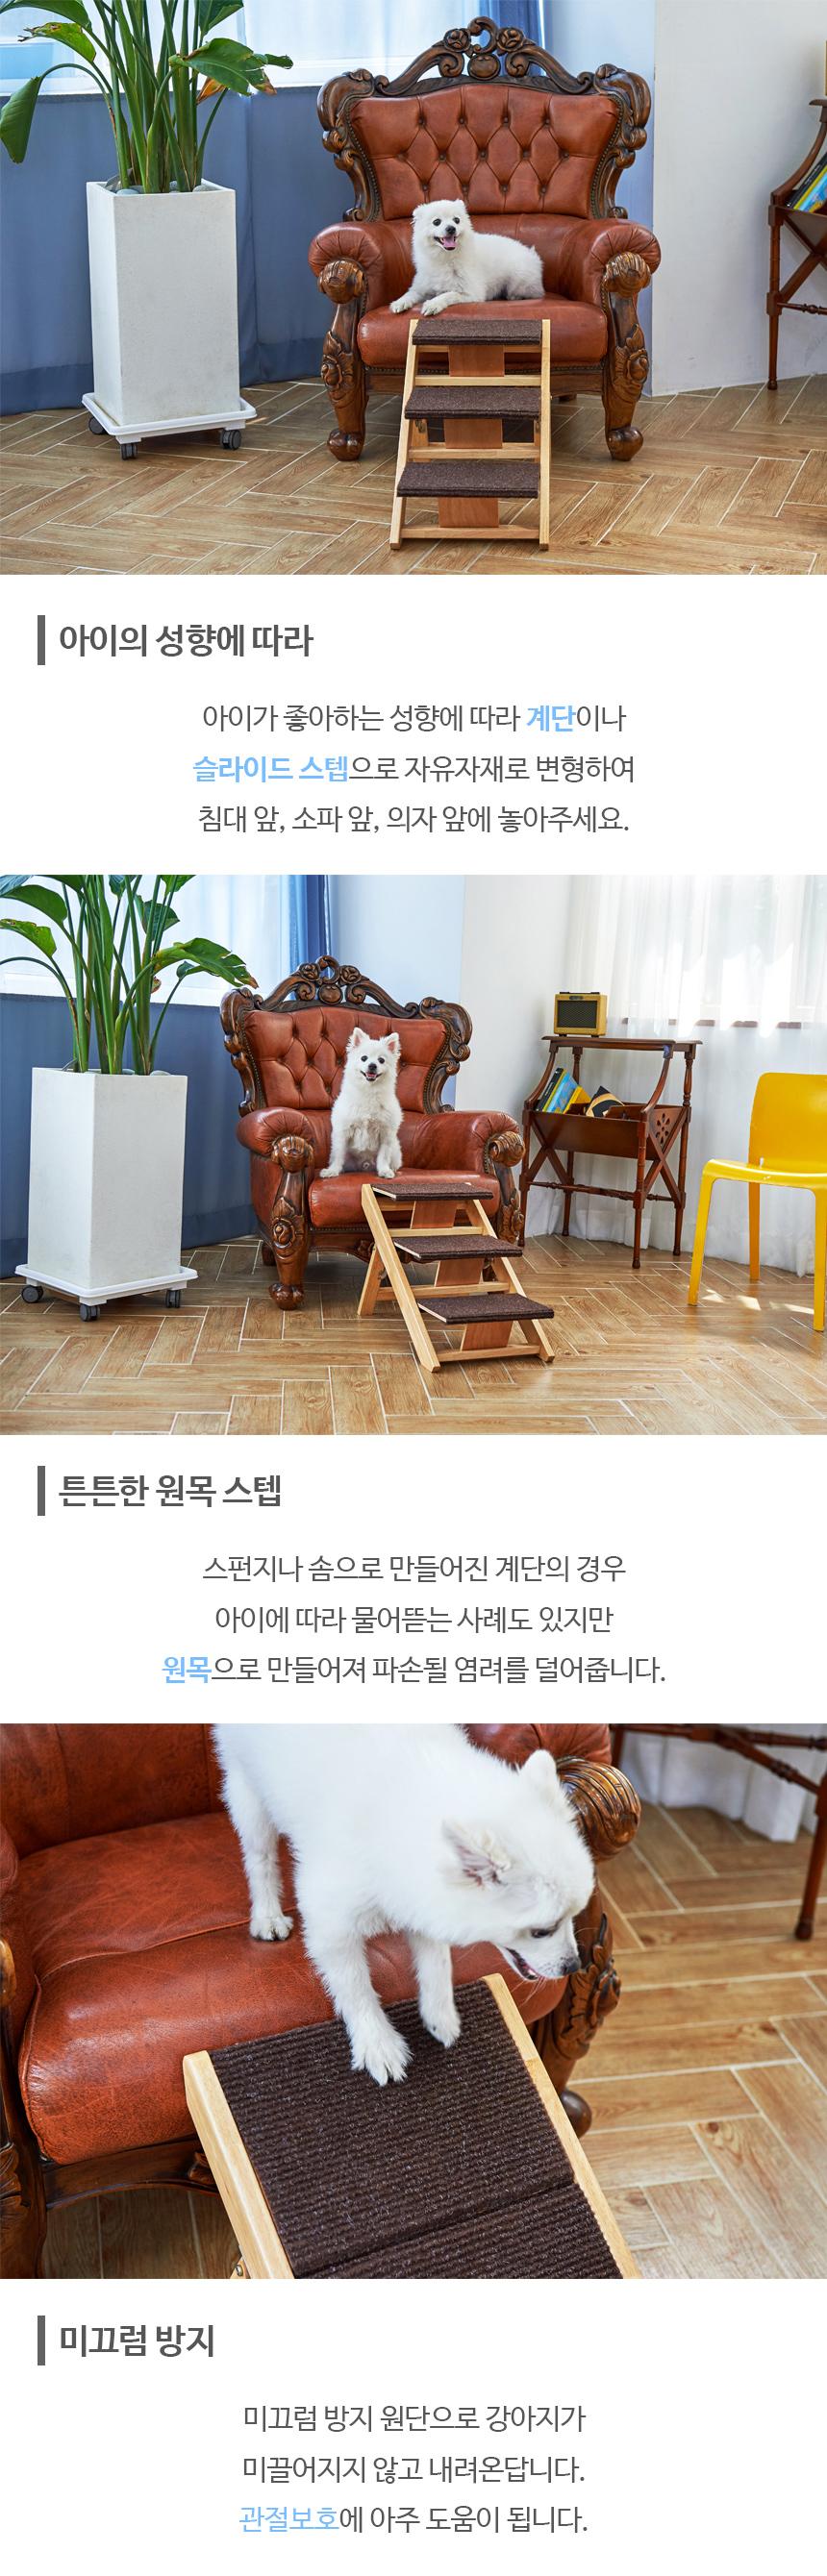 상세정보3